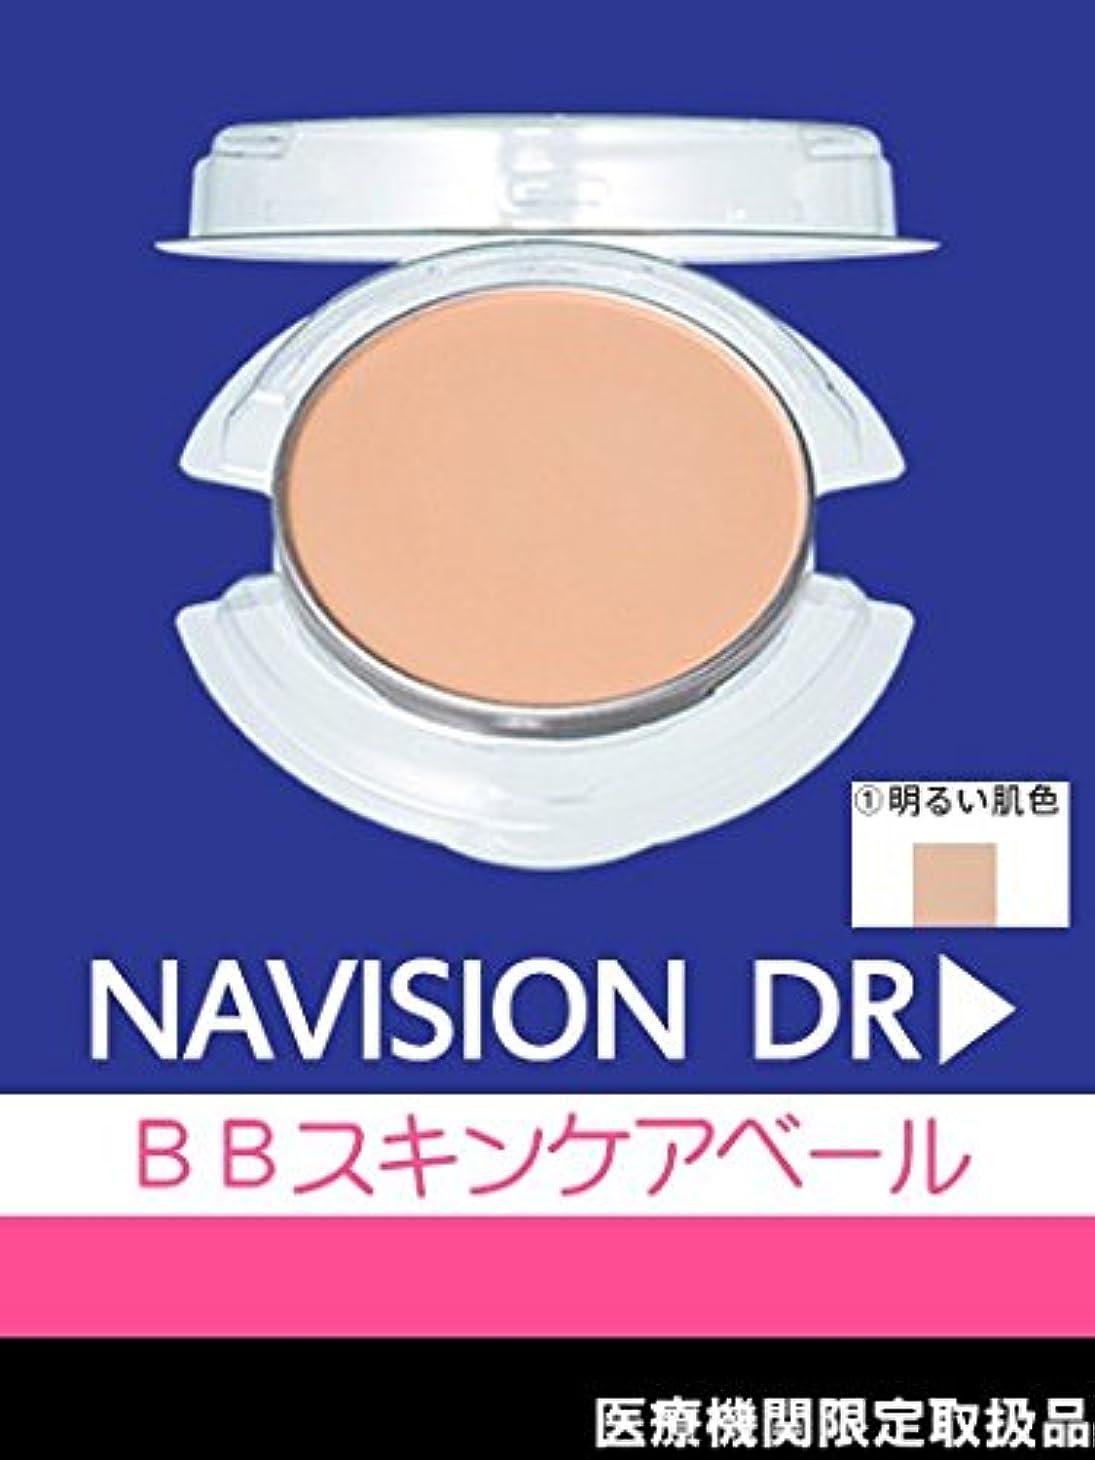 ルーフ電球達成するNAVISION DR? ナビジョンDR BBスキンケアベール ①明るい肌色(レフィルのみ)9.5g【医療機関限定取扱品】